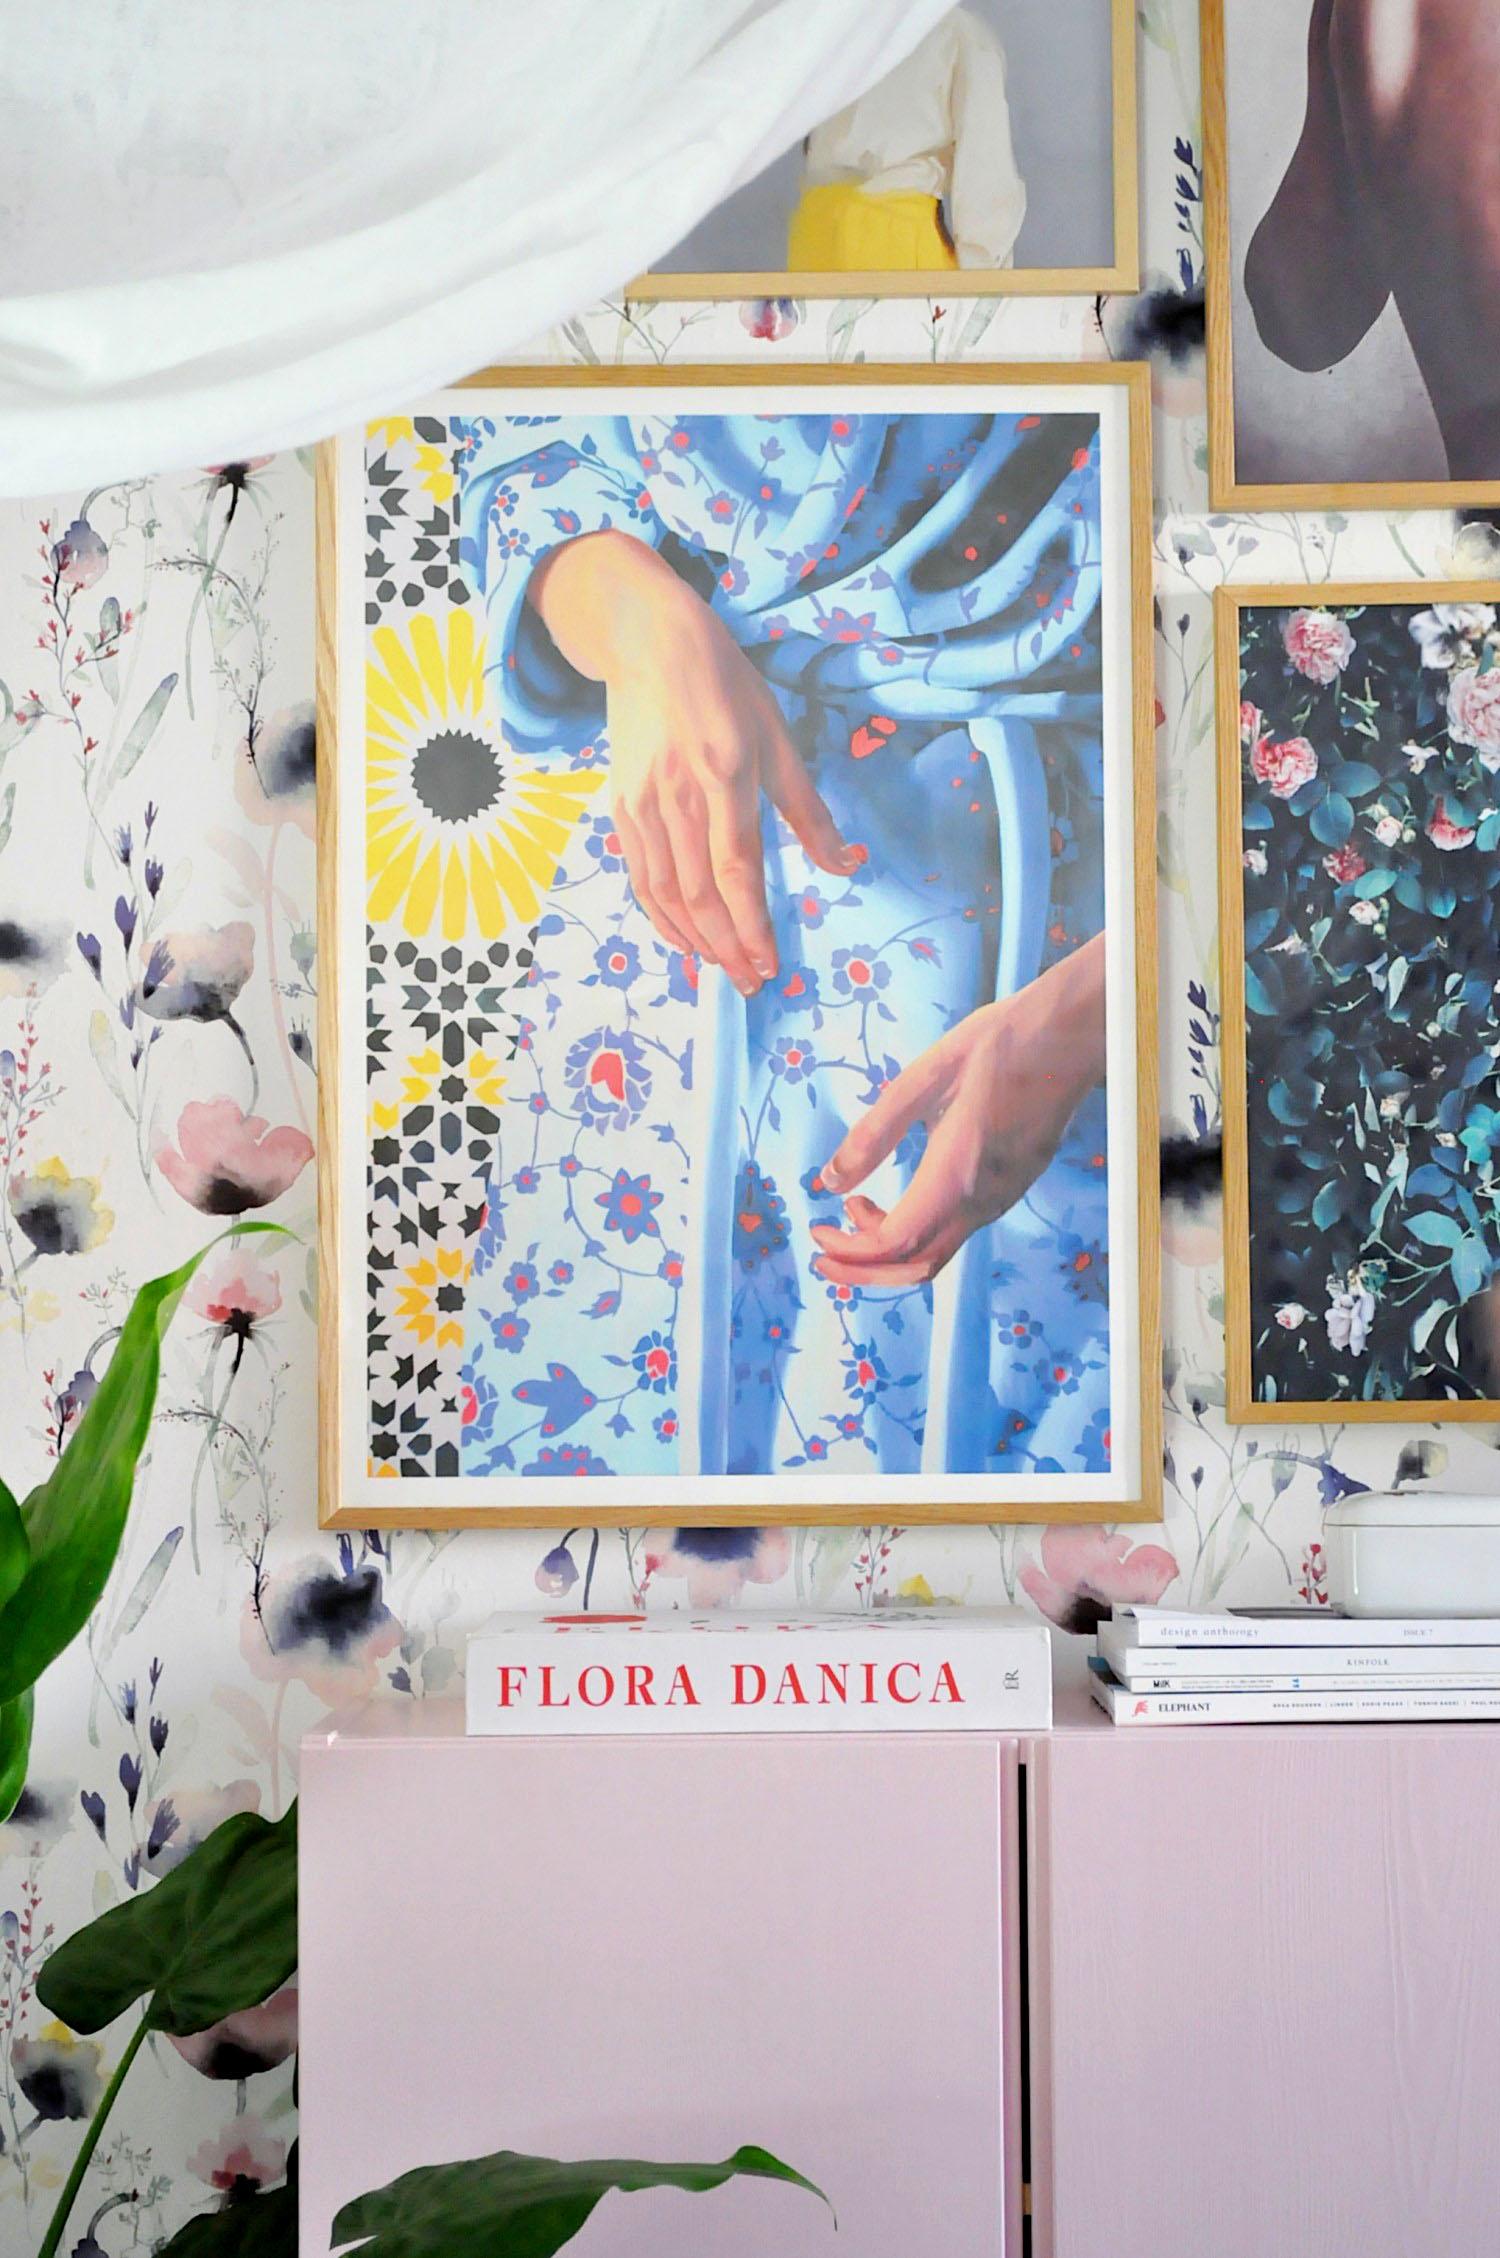 kunsttryk, gliceé, farverige, figurative, grafiske, portræt, kroppe, mønstre, religion, sorte, blå, gule, blæk, papir, smukke, dansk, dekorative, design, kvindelig, interiør, bolig-indretning, naturlig, naturealistiske, nordisk, romantiske, skandinavisk, levende, kvinder, Køb original kunst og kunstplakater. Malerier, tegninger, limited edition kunsttryk & plakater af dygtige kunstnere.